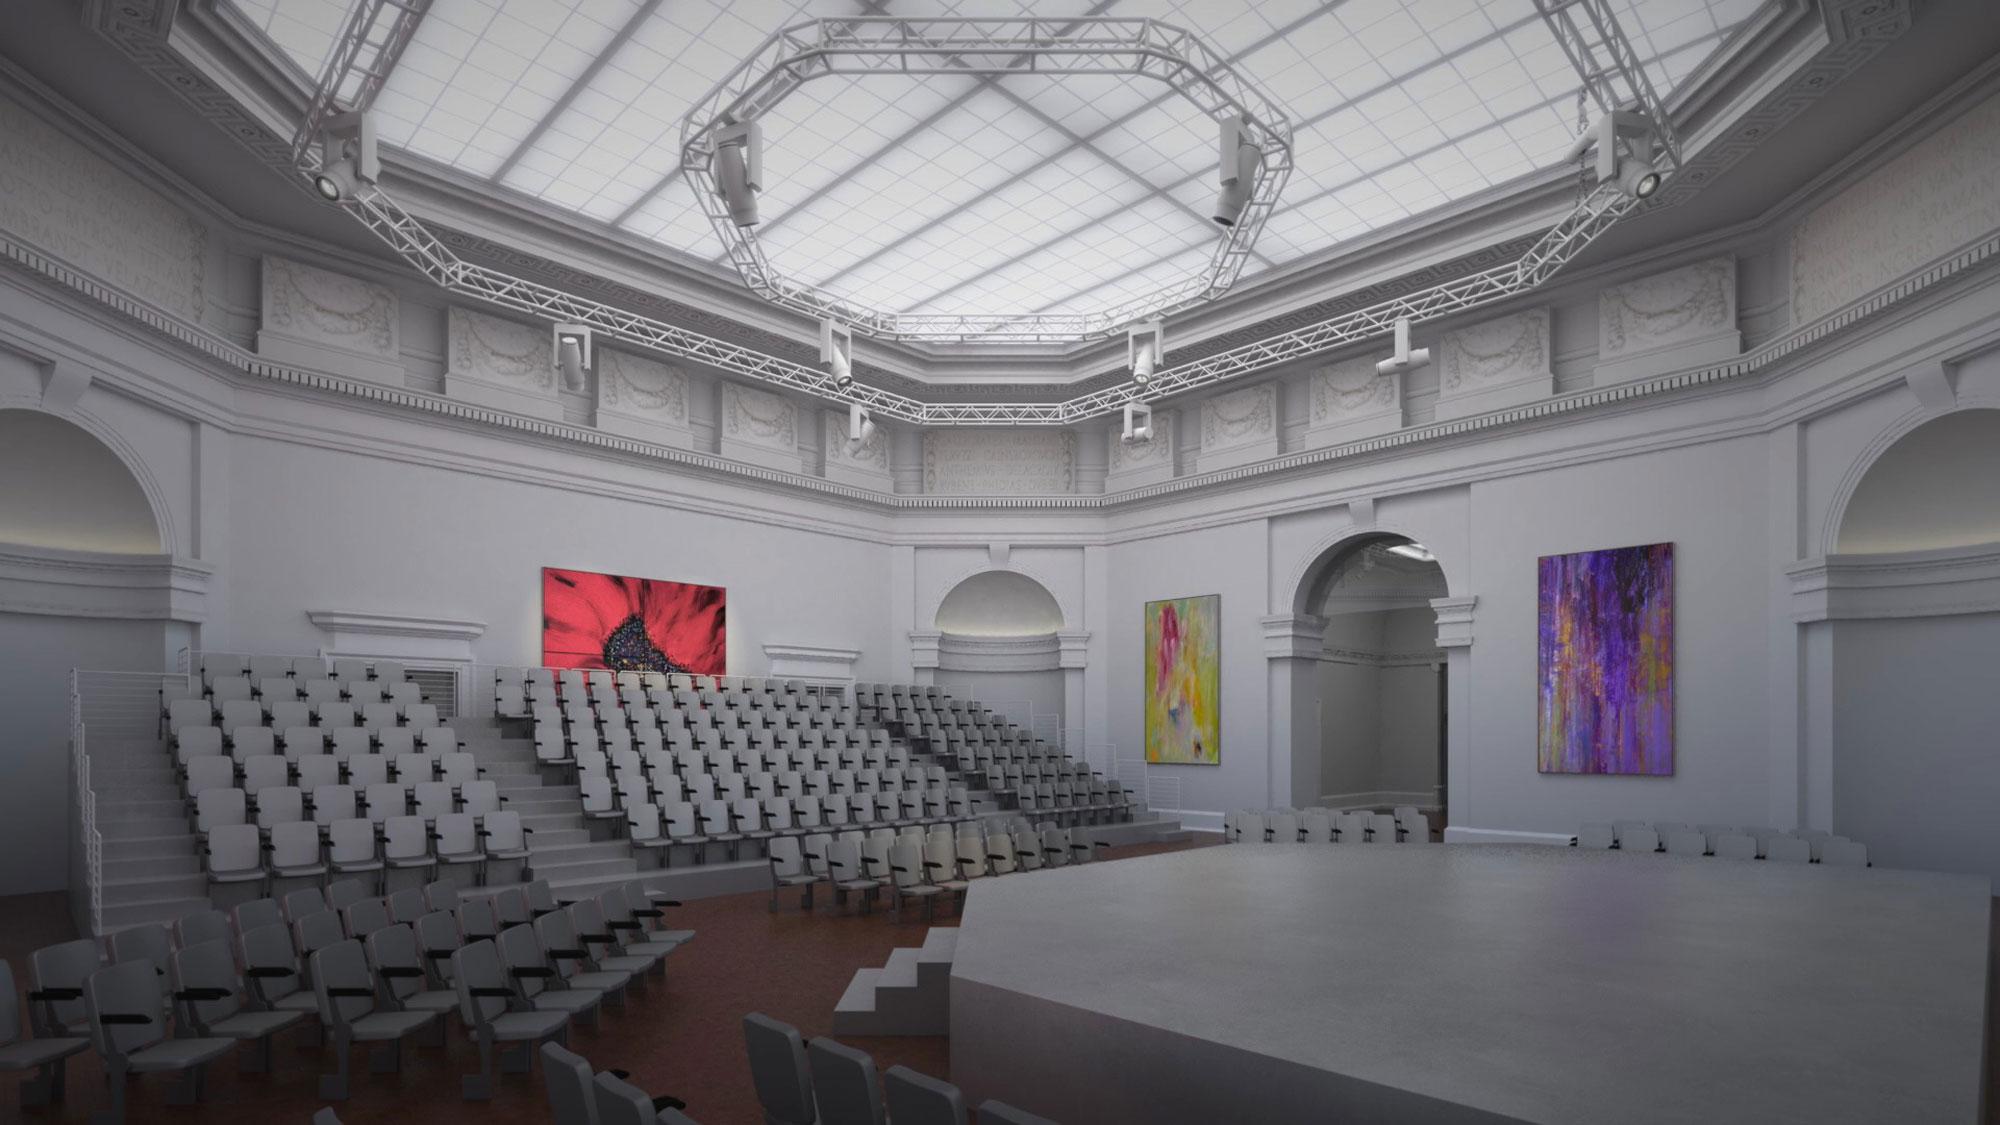 Taube Atrium Theater